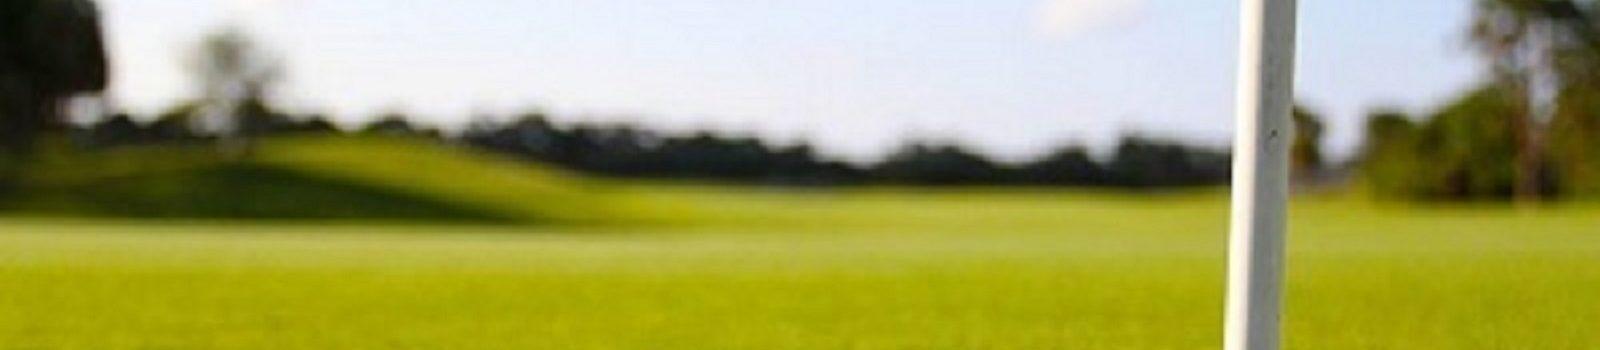 Cómo elegir los mejores clubs de golf en España